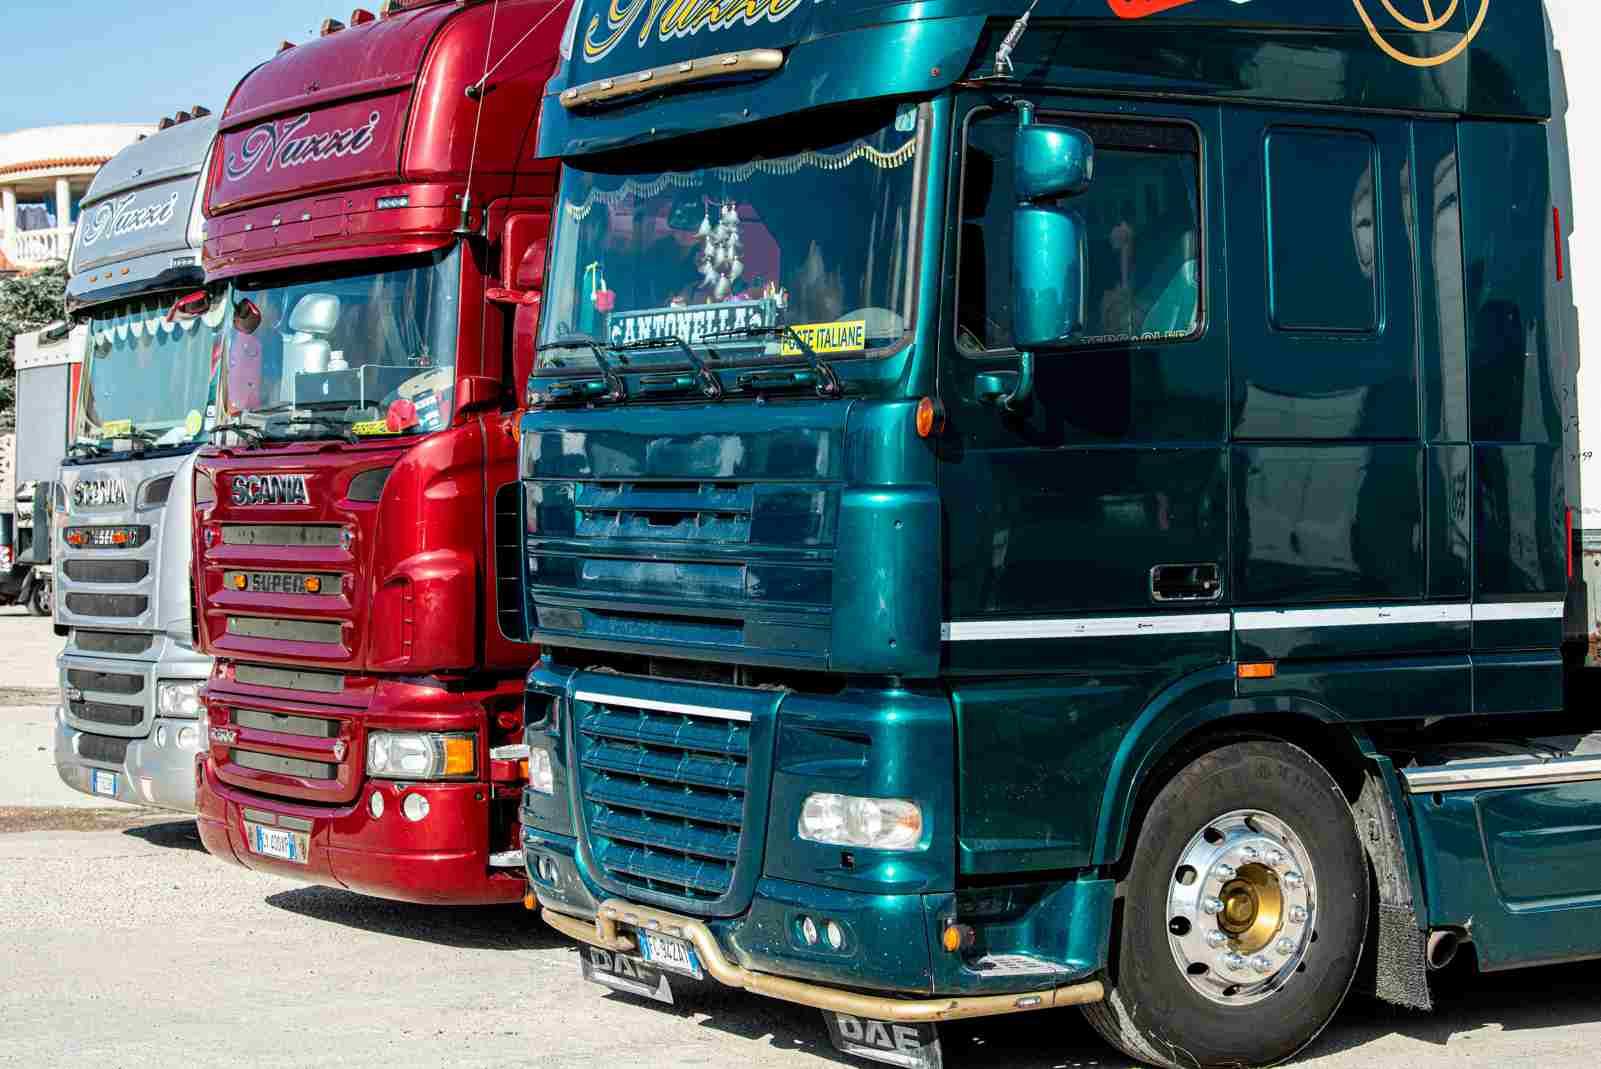 Camion Trasporto Merci | GAA Trasporti